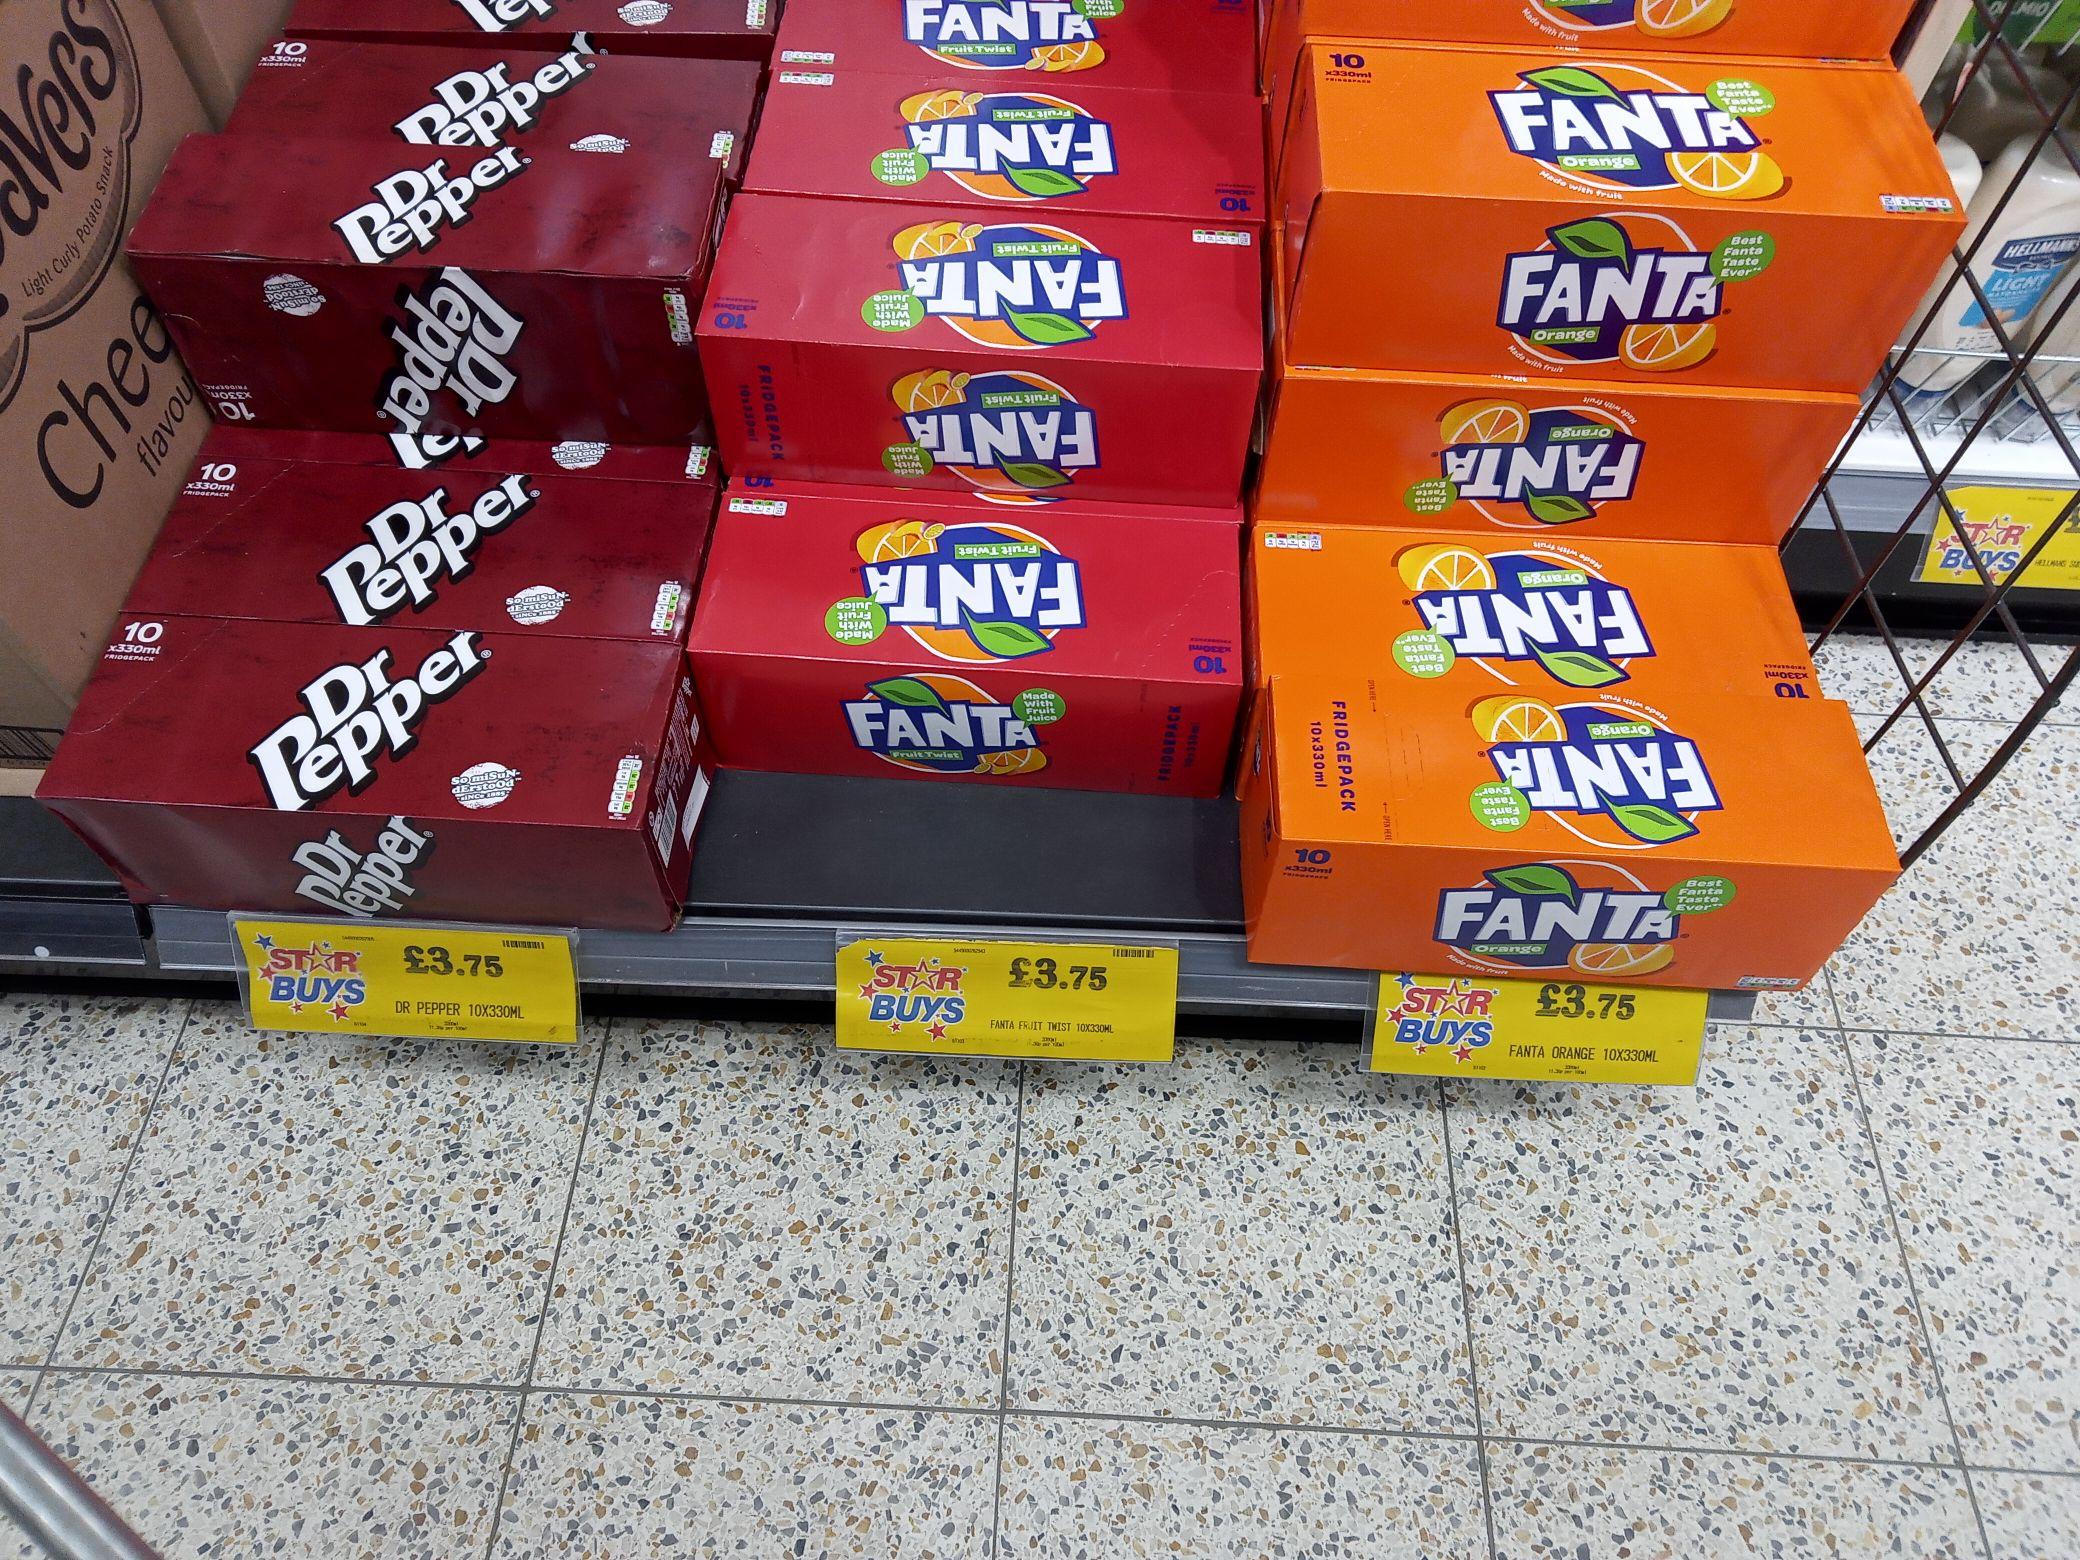 10 Pack of 330ml Fanta & Dr Pepper Cans - £3.75 @ Home Bargains (Norfolk)